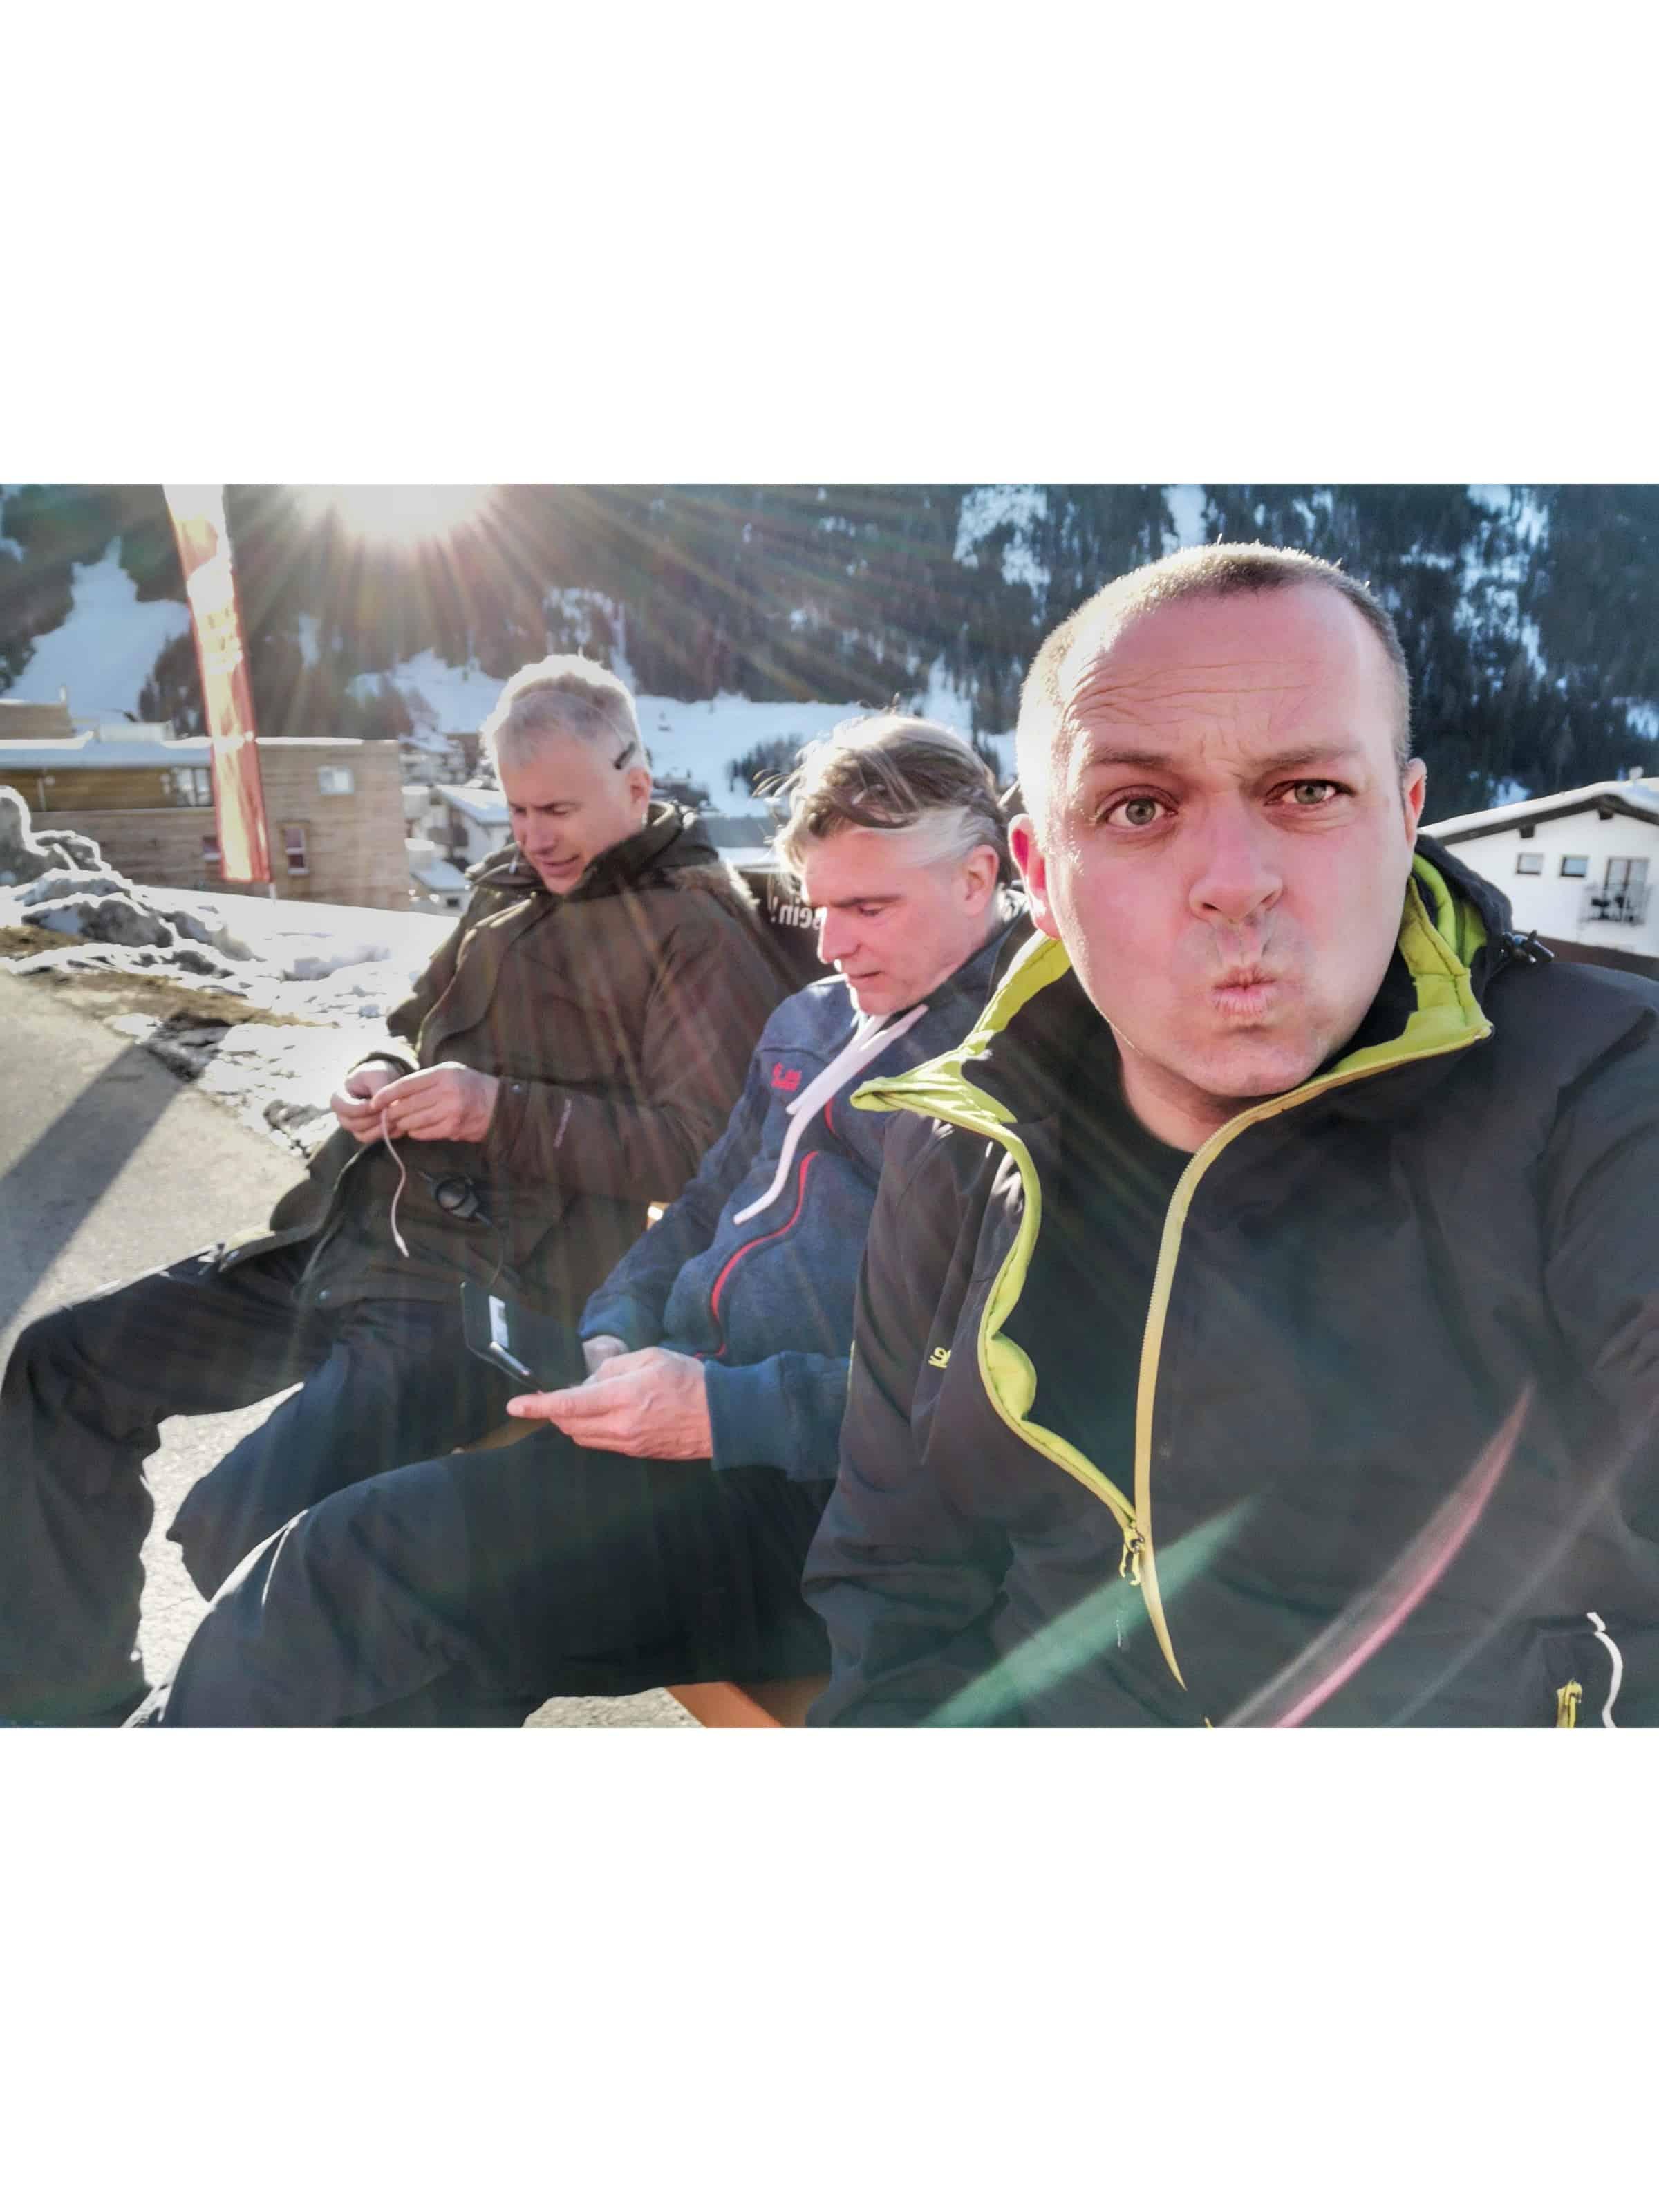 andreas felder kameramann ORF Guten Morgen Österreich ORF Daheim in Österreich 14 23.03.2018 17 08 30 - ORF Unterwegs in Österreich